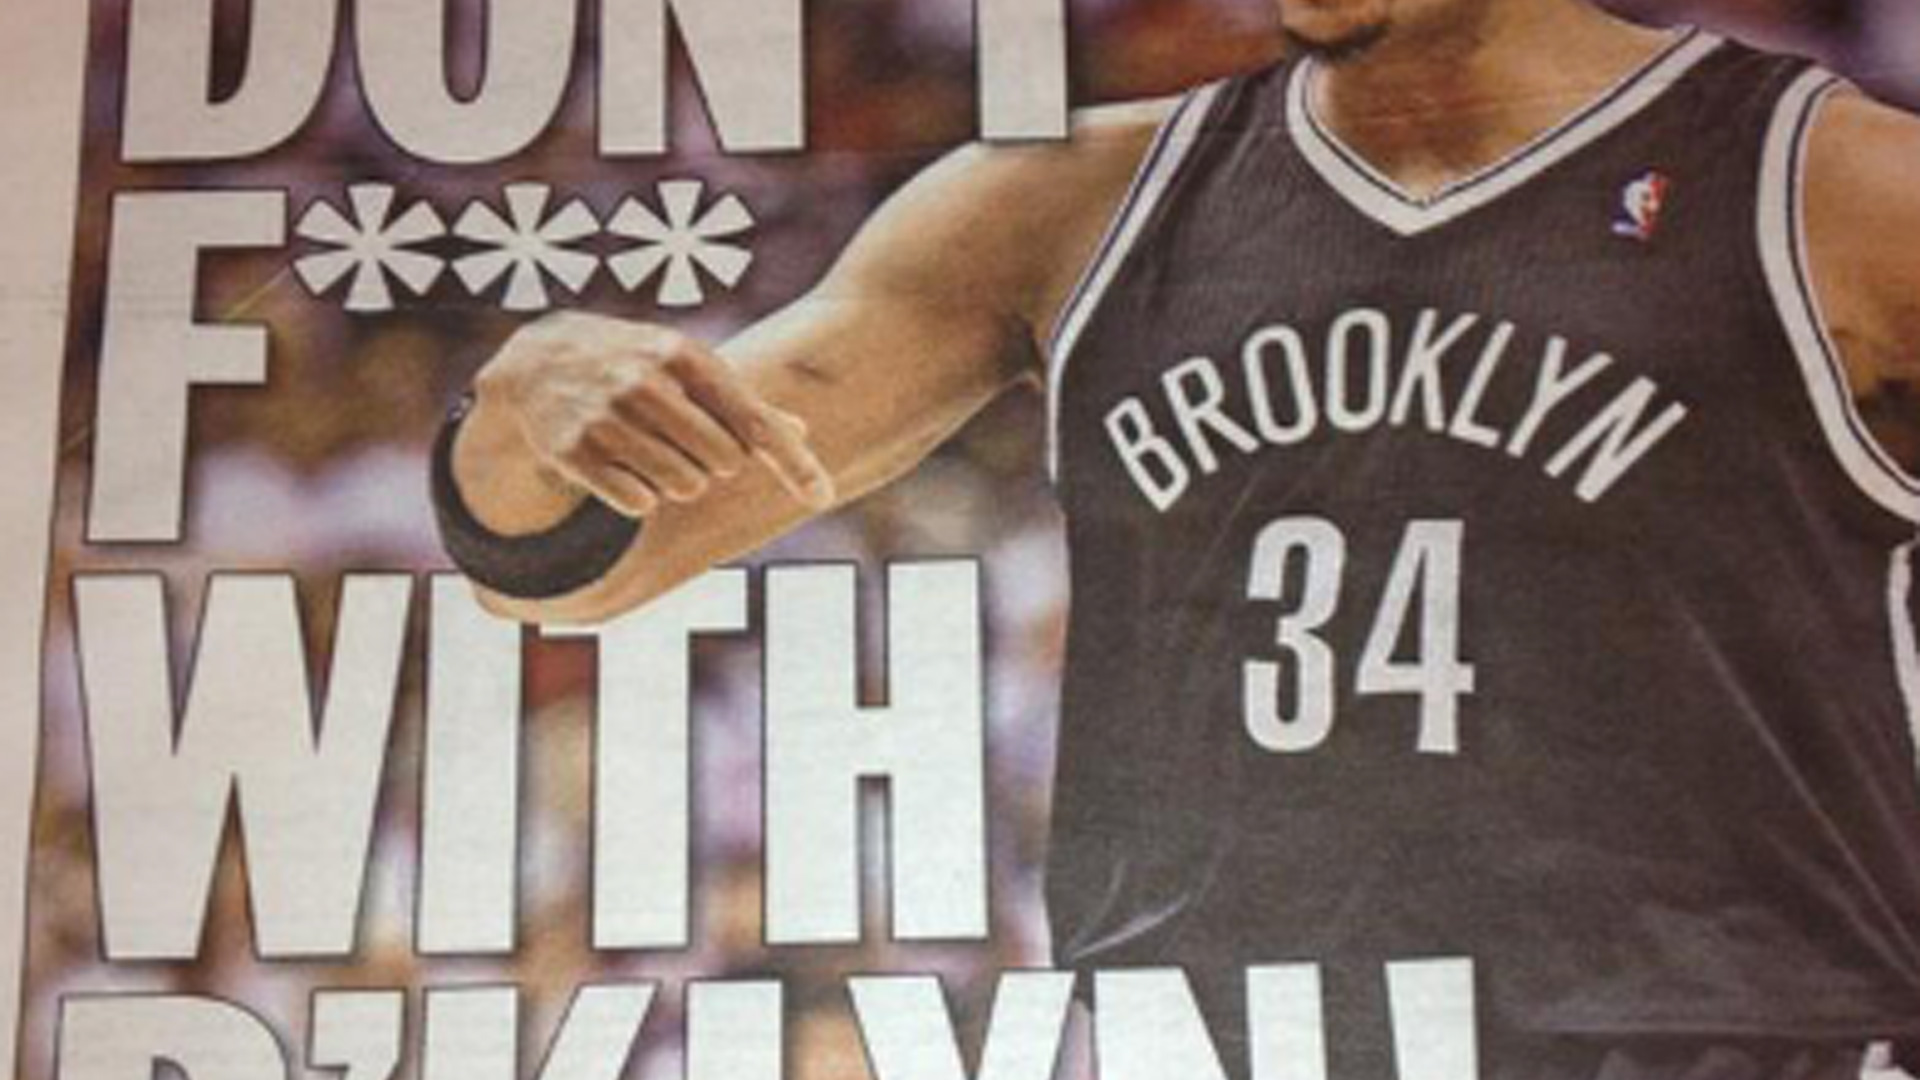 new-york-daily-news-headline-042014-twitter-ftr